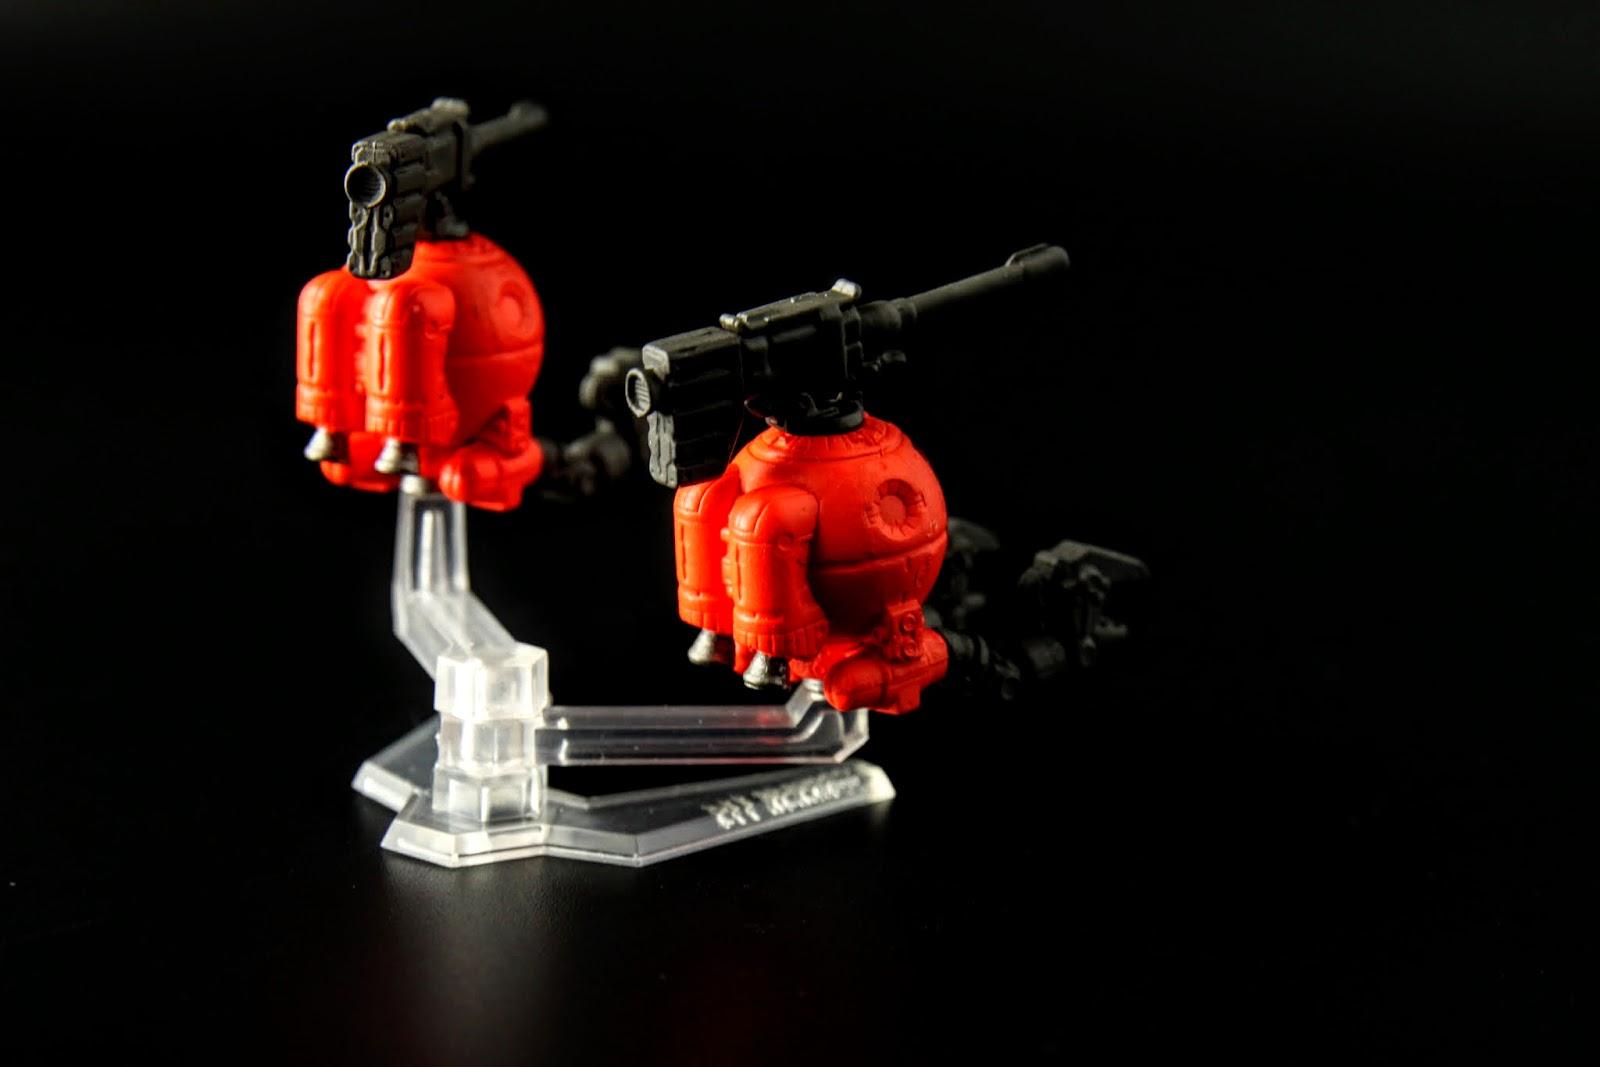 設定上橘色鋼球是工程用型,而且其實外觀也不是這樣